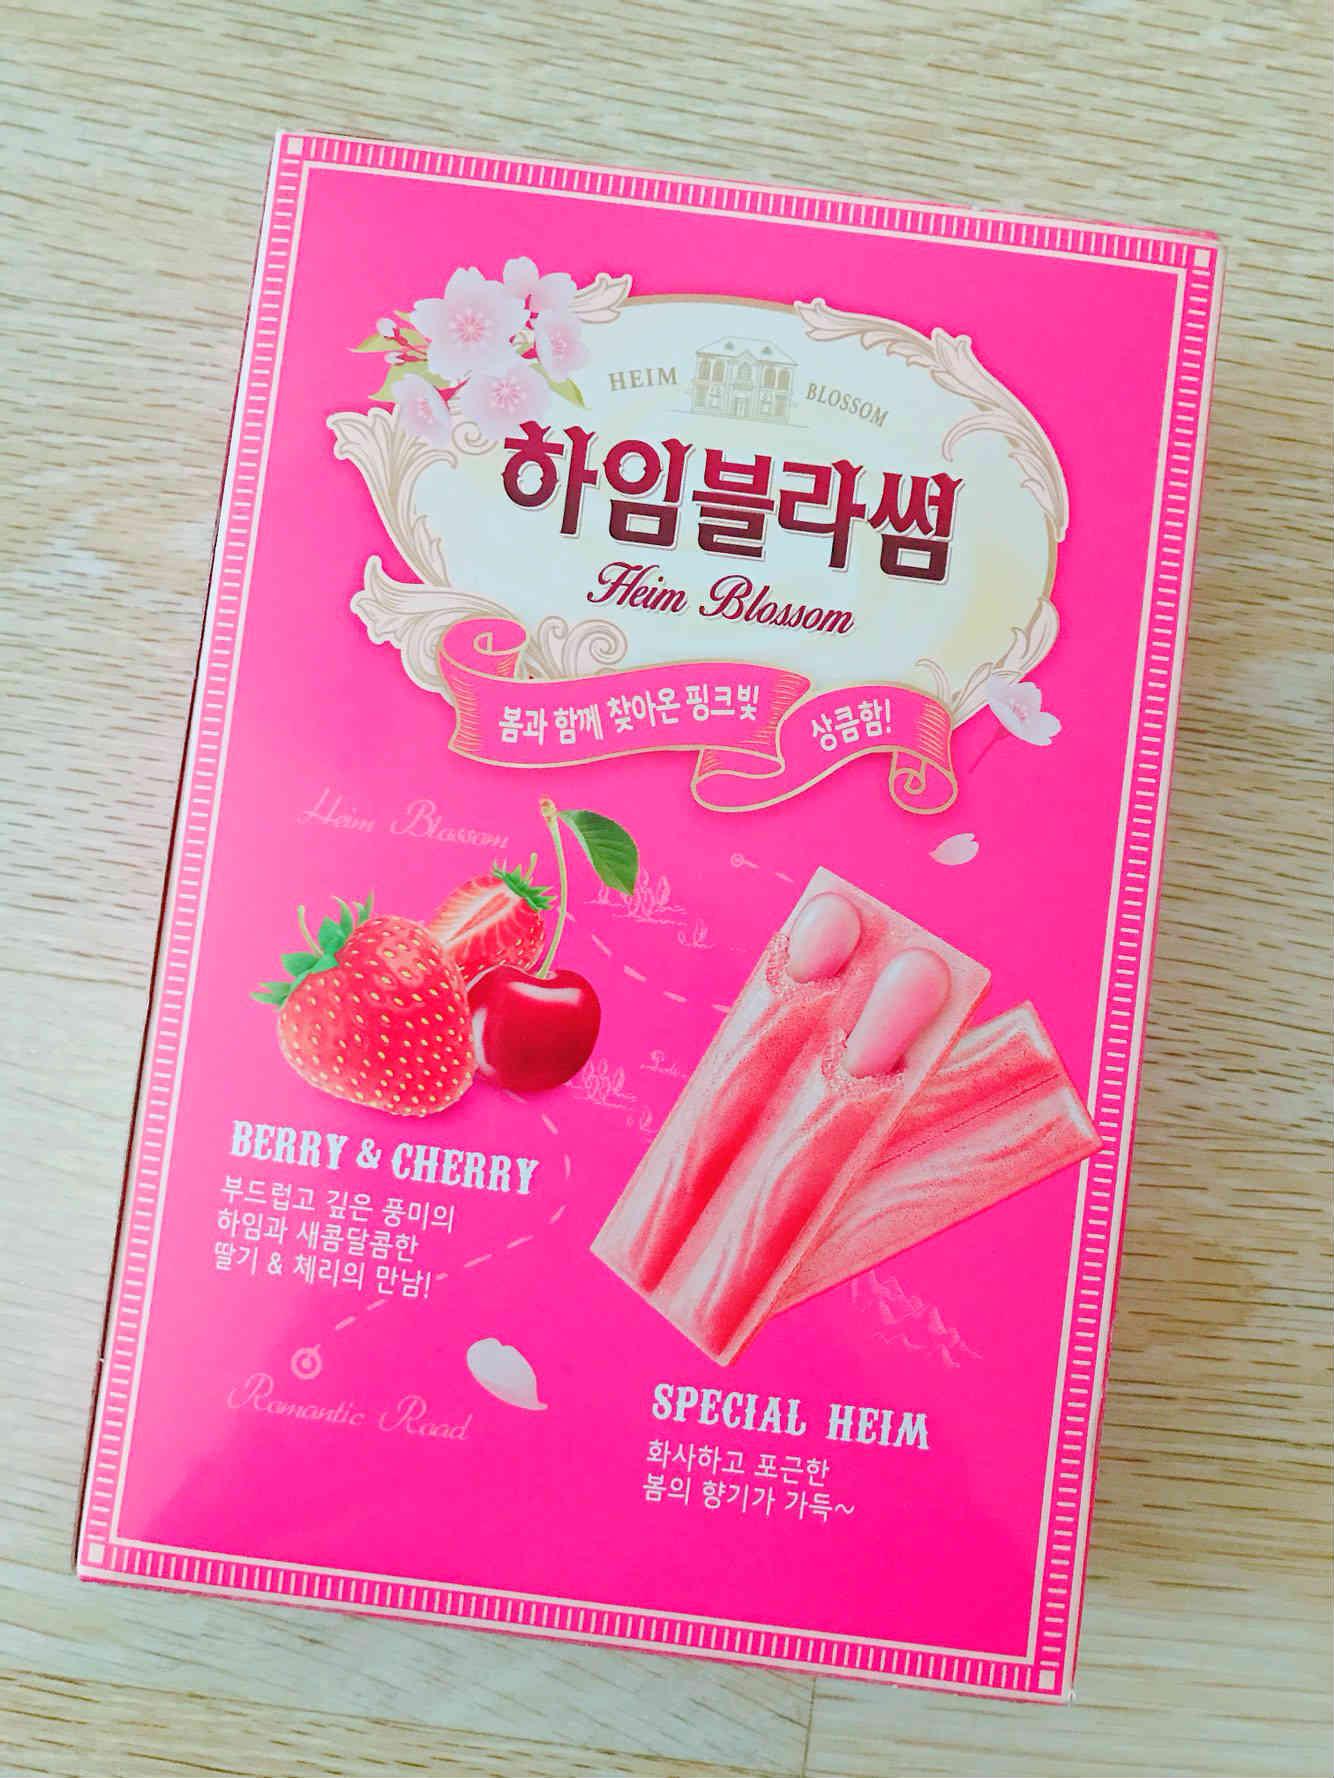 口味方面也非常創新,結合了各式莓果,以及櫻桃味,蹦出春天甜蜜的新口感。